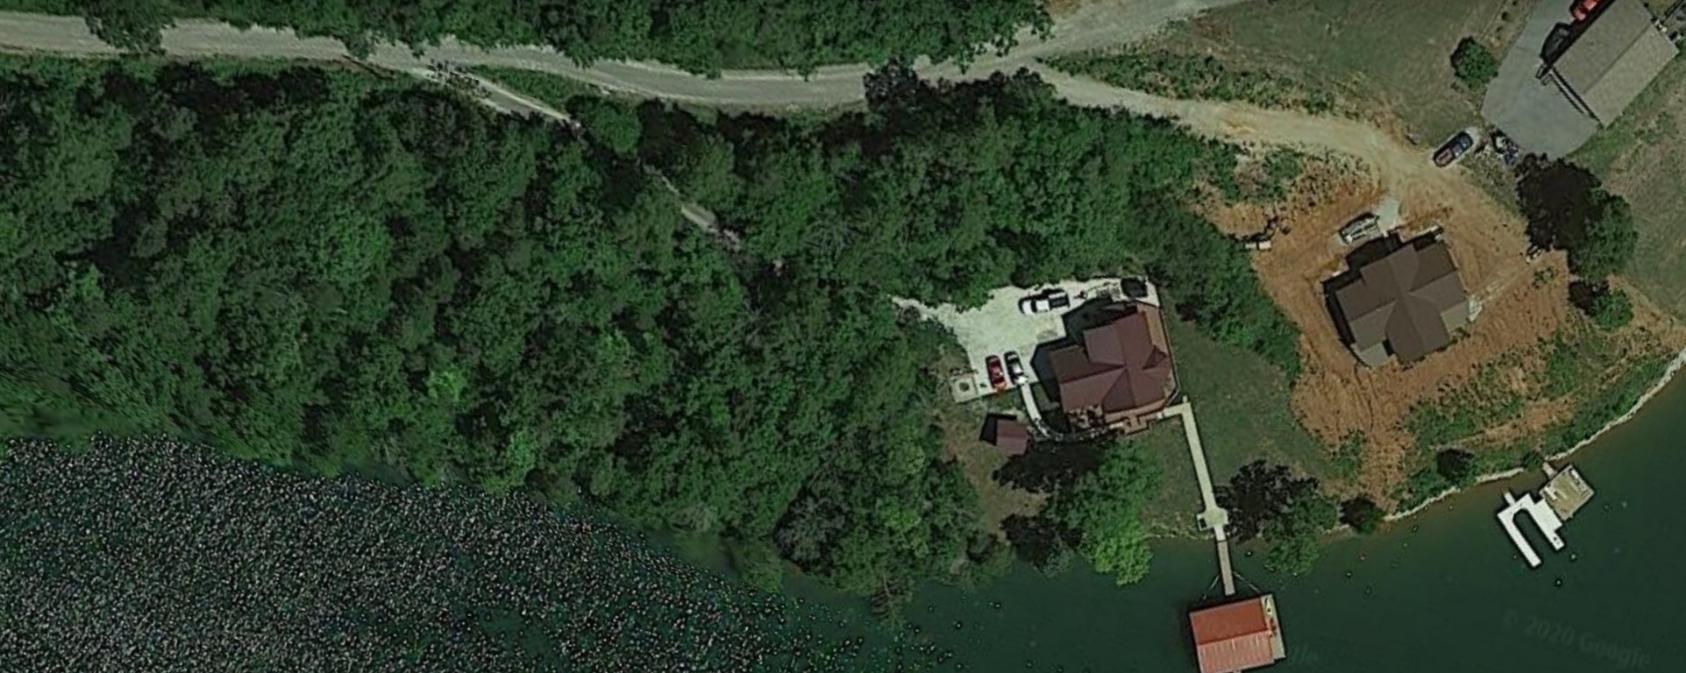 Lot 33 Powder Mill Lane: